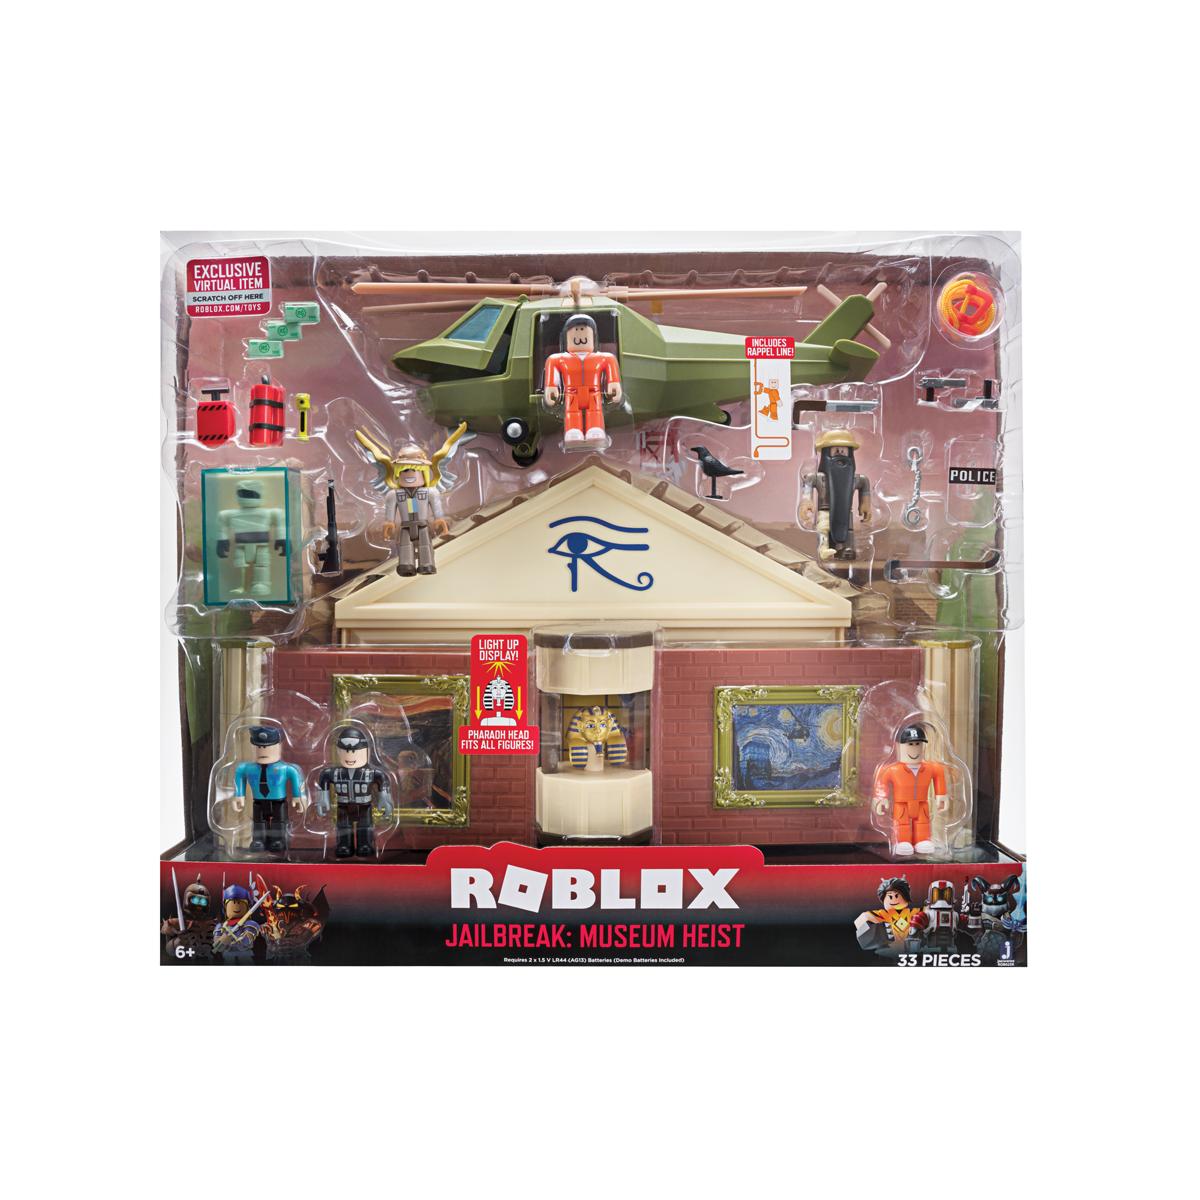 ROBLOX - Jailbreak: Museum Heist Deluxe Playset